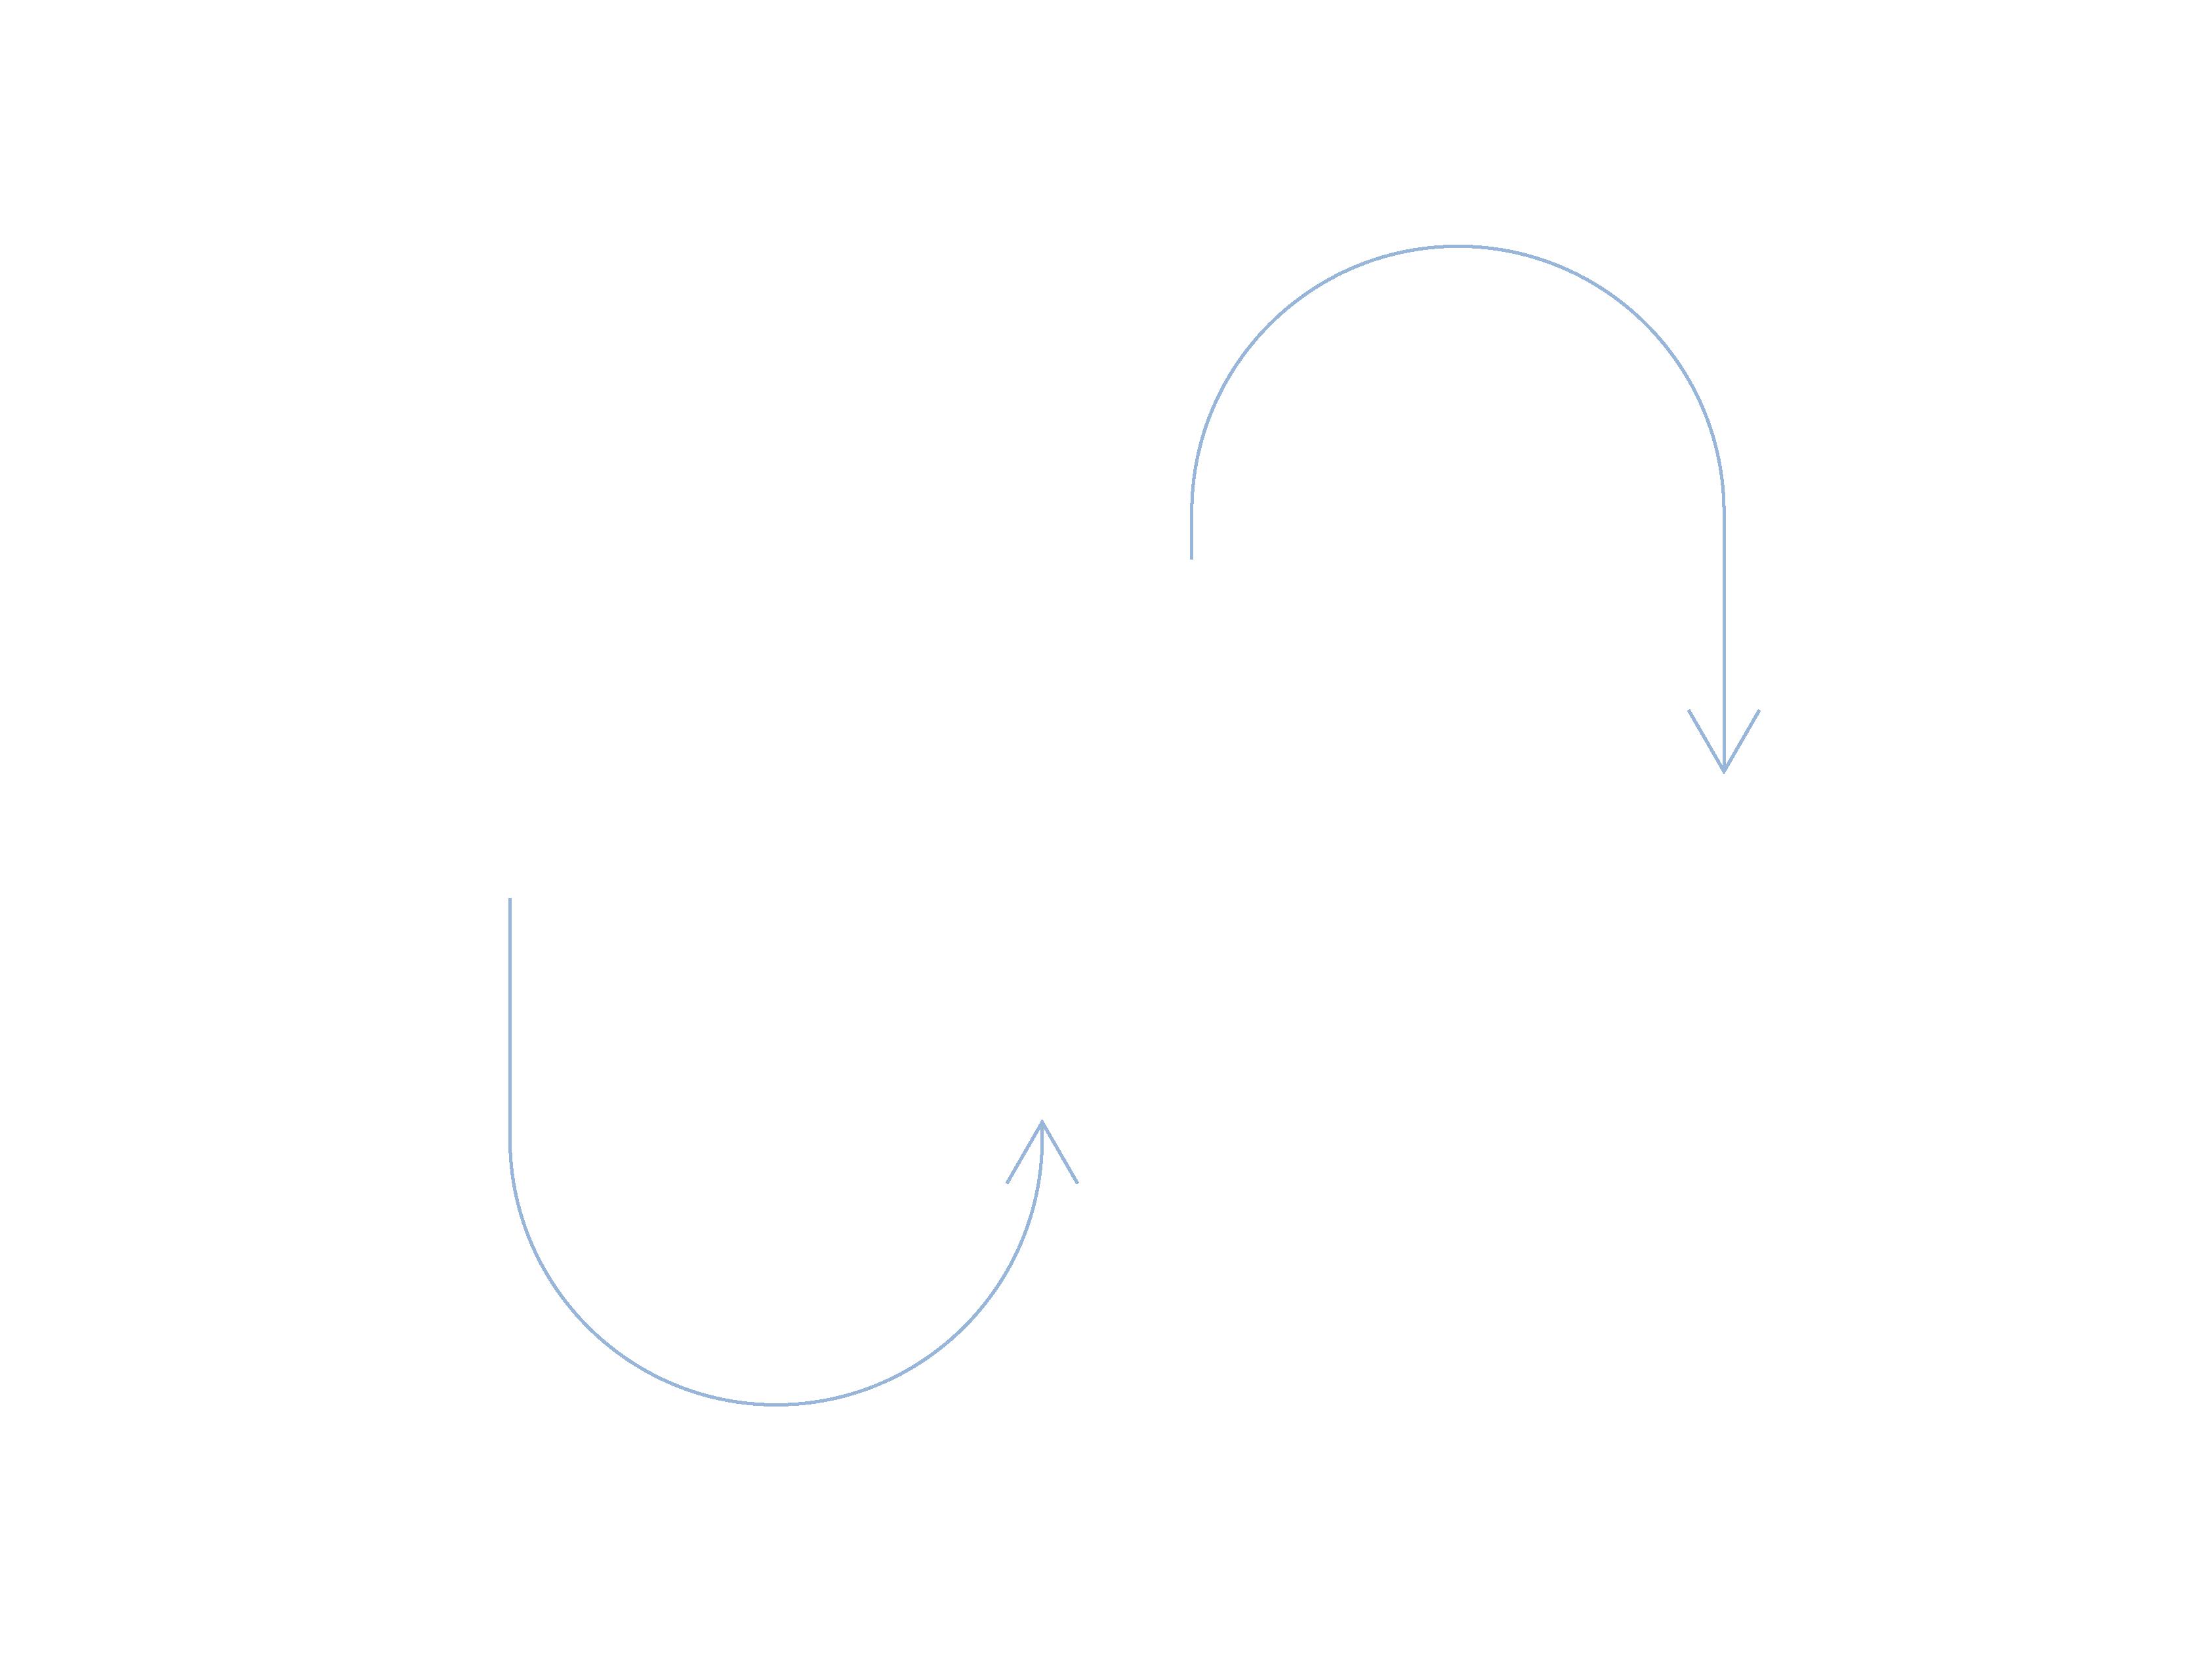 VIA_JAMStackIllustration-01.png